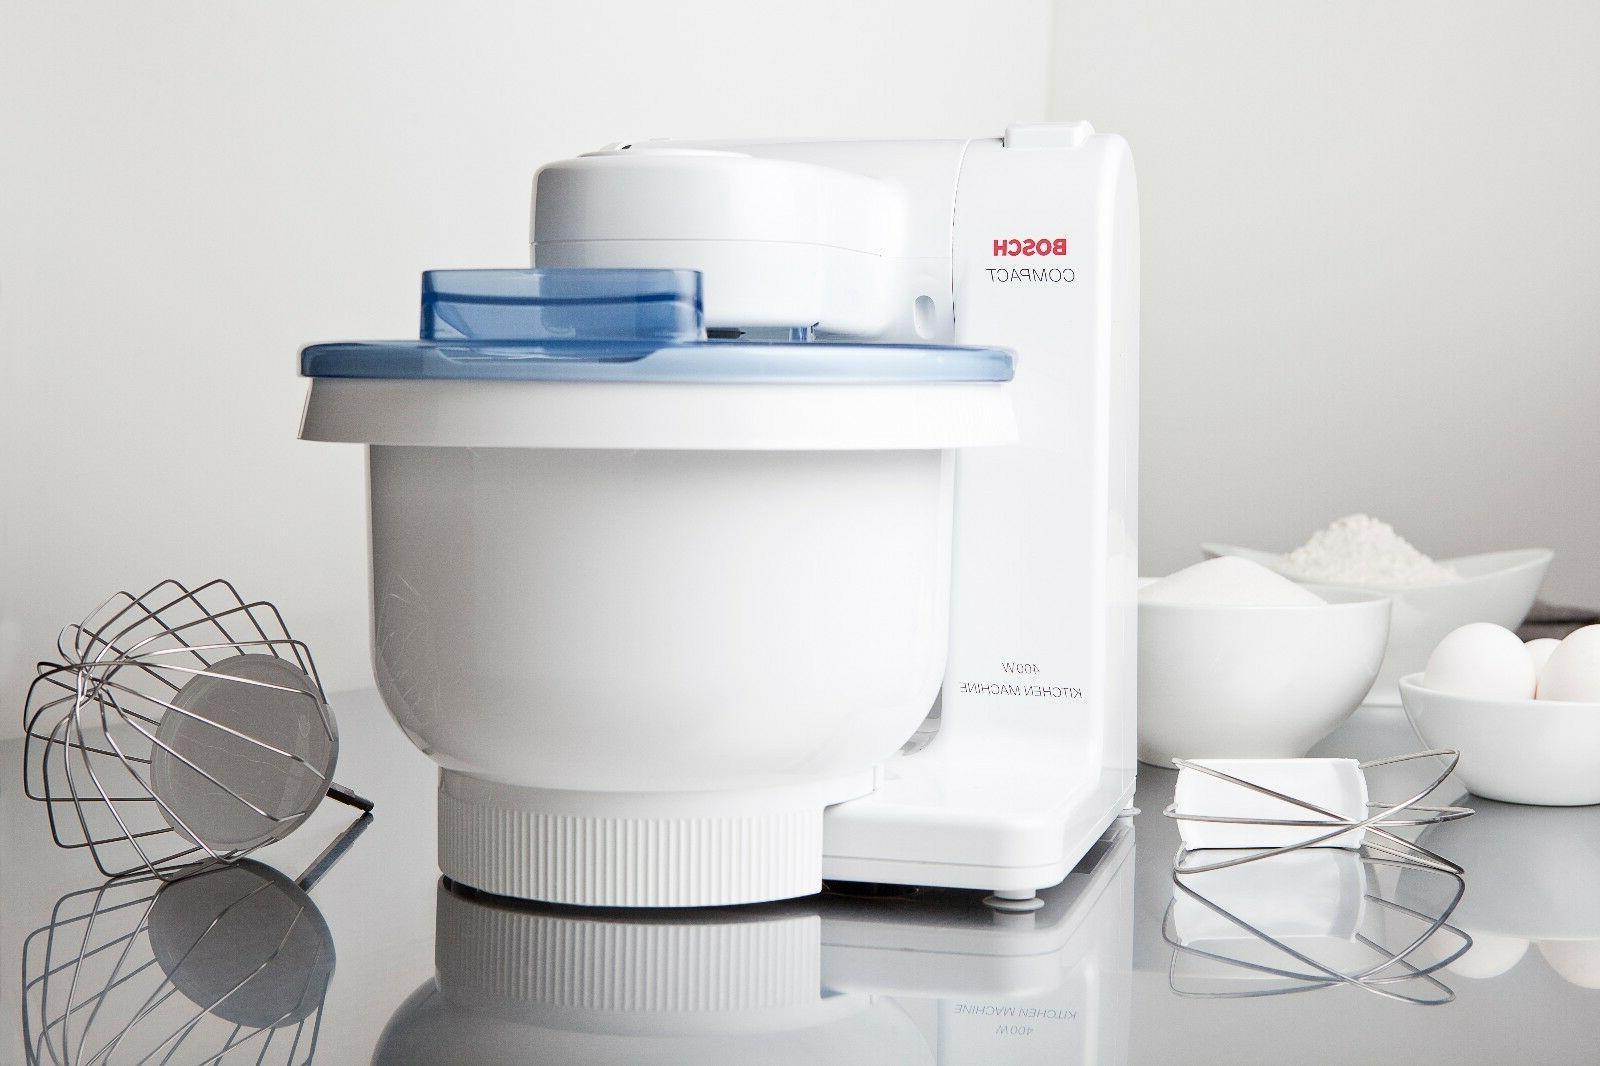 Bosch Compact Mixer Pouring